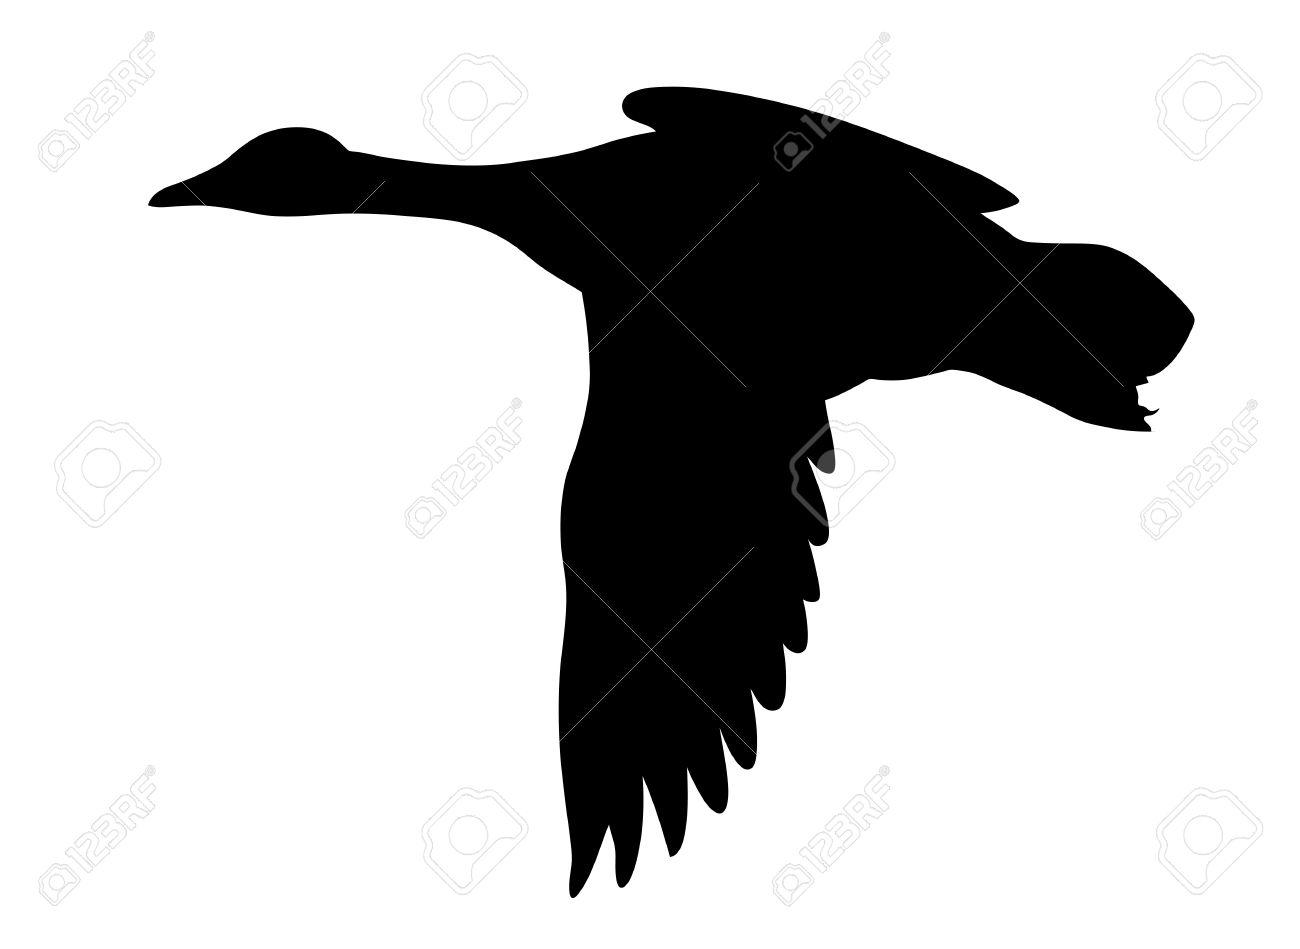 silhouette flying ducks on white background stock vector 9060387